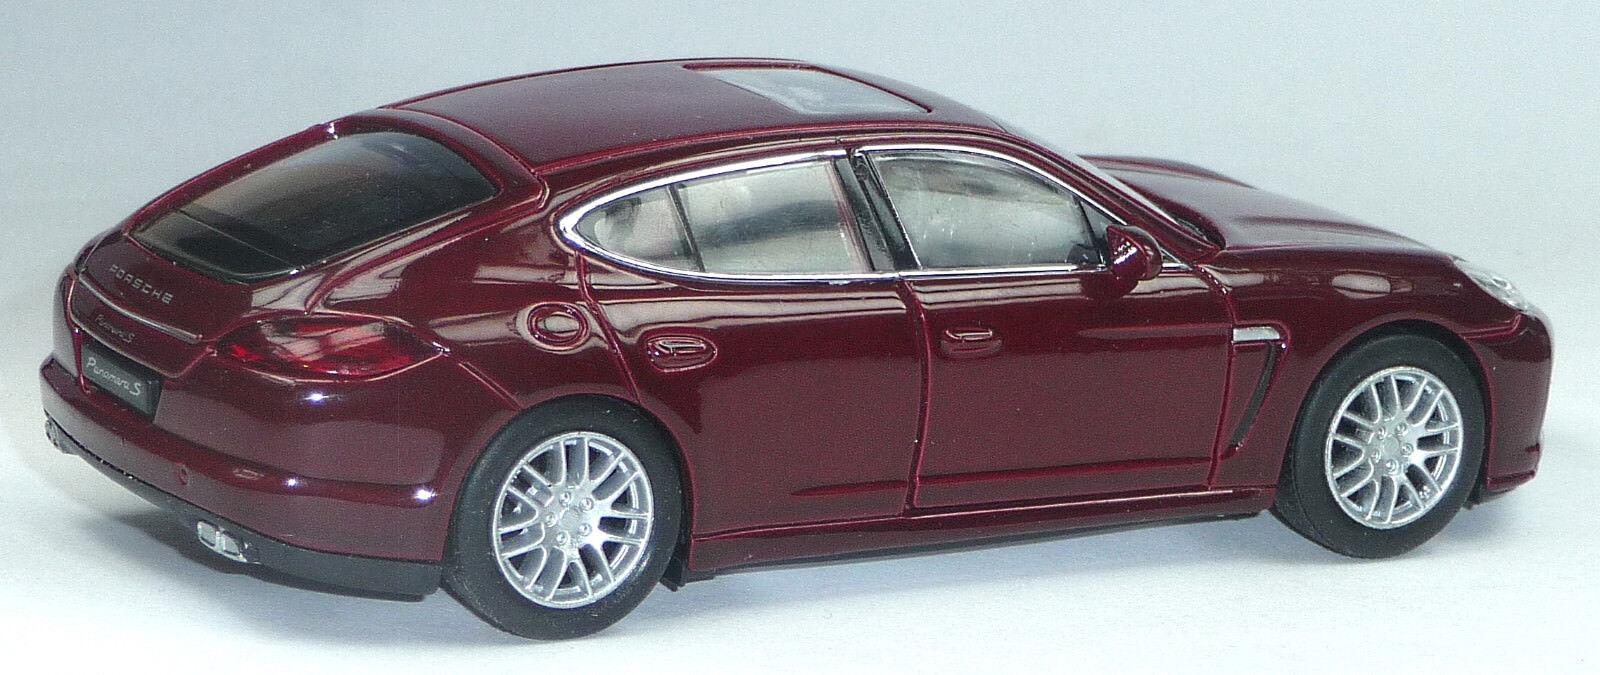 NEU  Modellauto Porsche Panamera S S S ca.12 cm bordeaux red Neuware von WELLY c92cc2